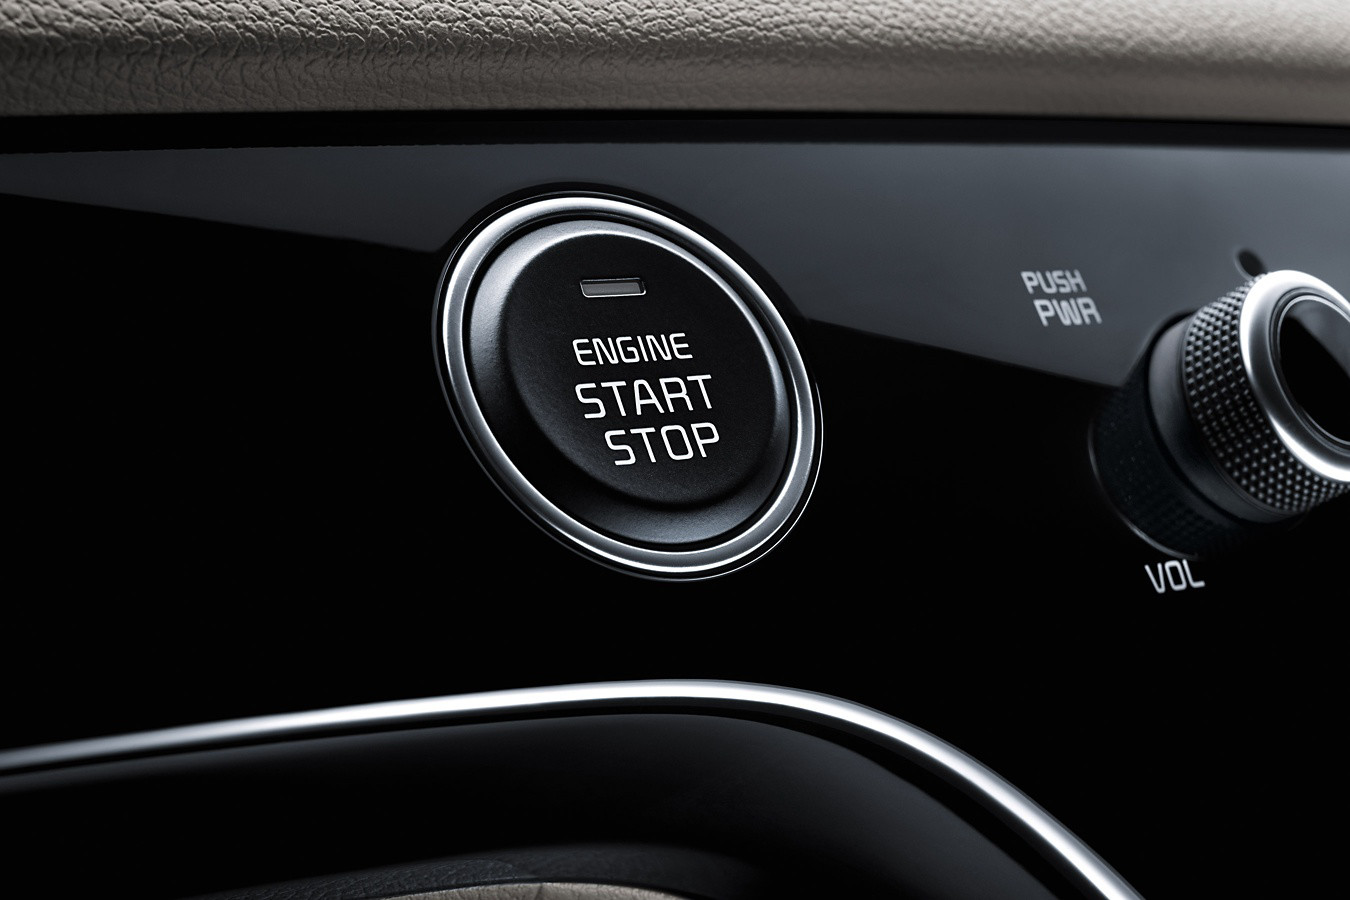 2020 Kia Sportage Push-Button Ignition